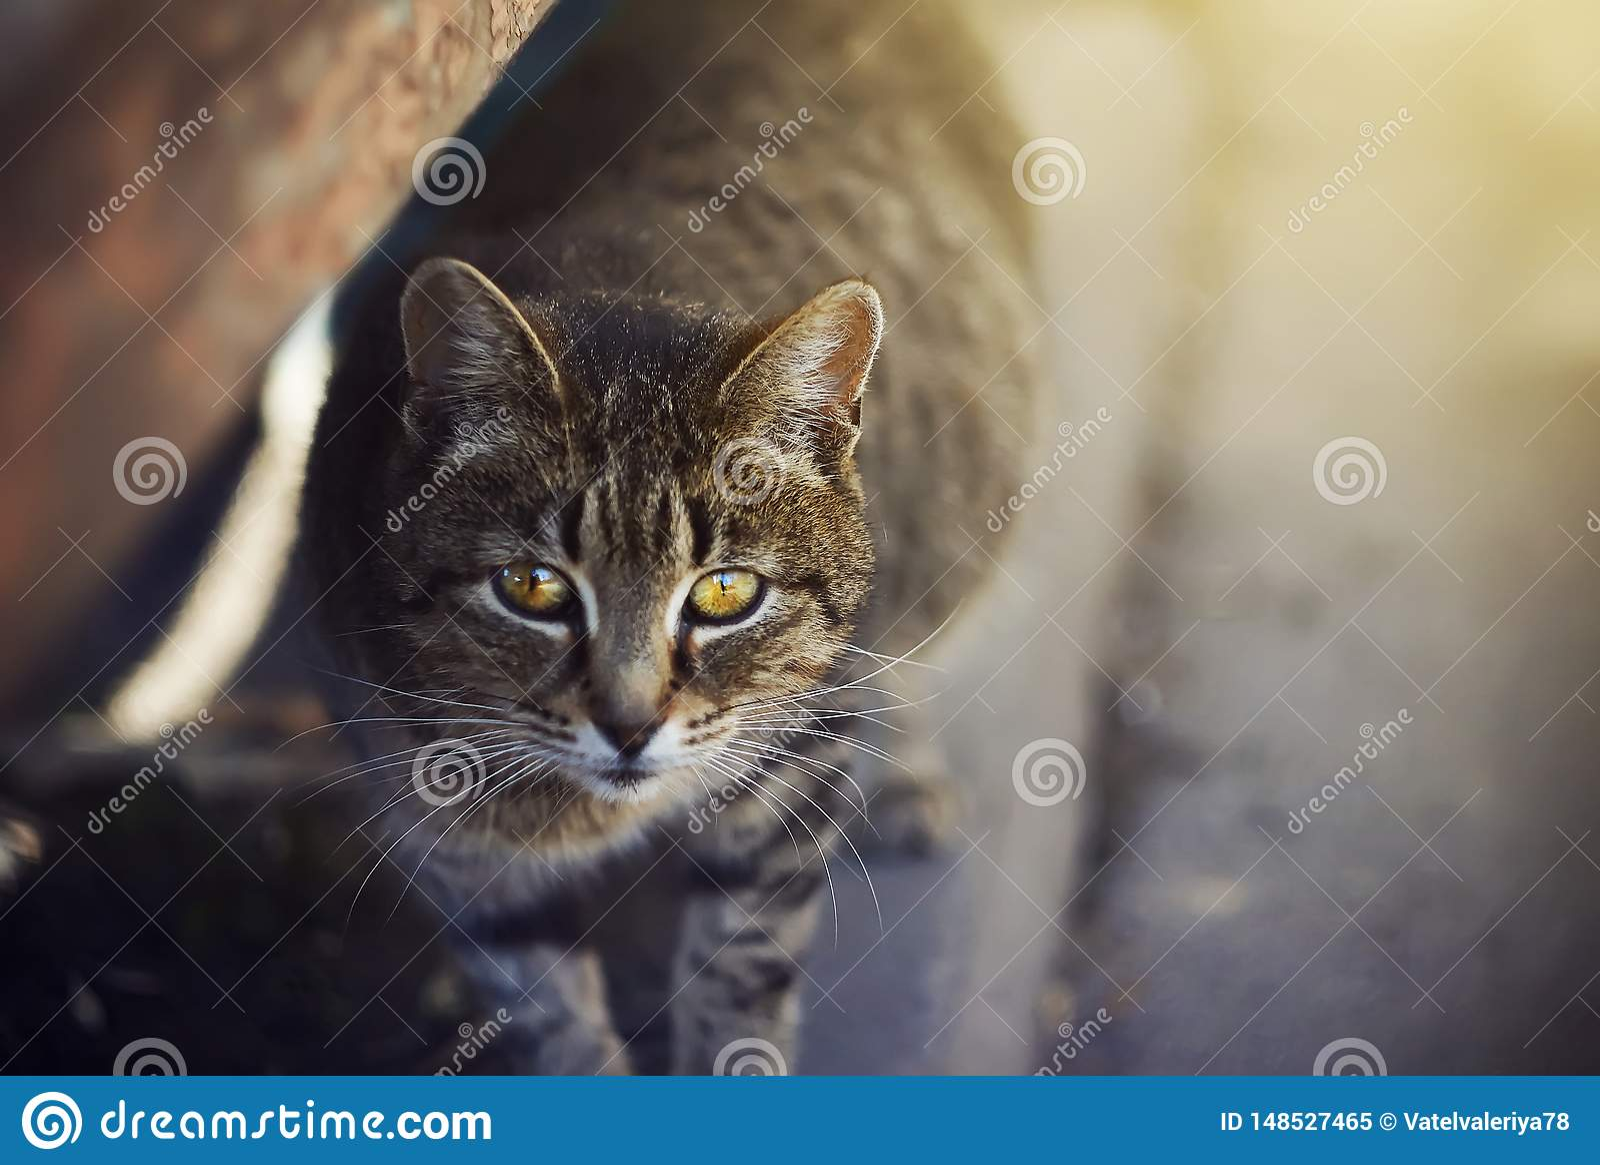 Gatto senza tetto sveglio con gli occhi gialli che stanno sulla pavimentazione